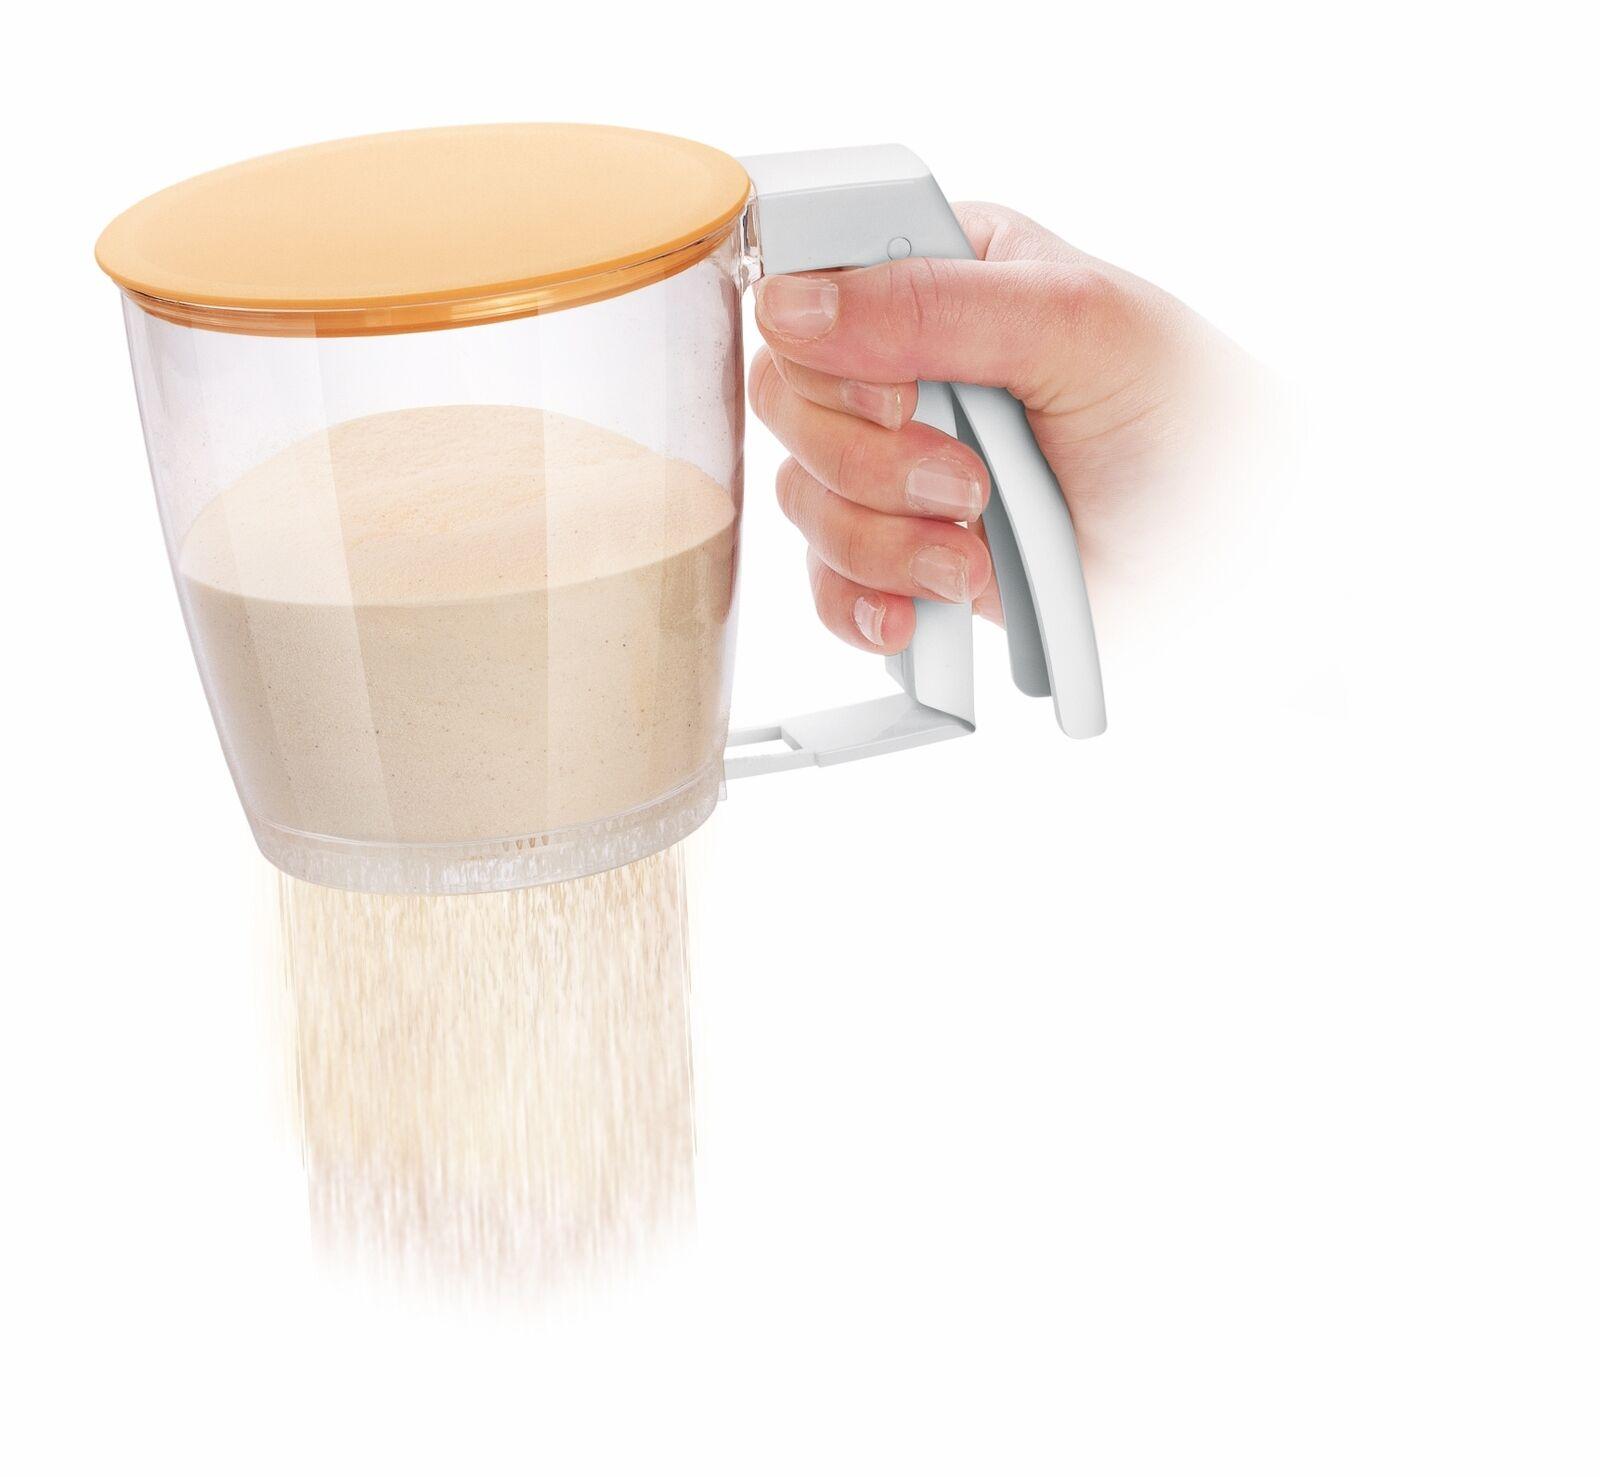 Tescoma mechanisches Mehlsieb Backsieb Kochsieb Sieb aus Kunststoff BPA Frei